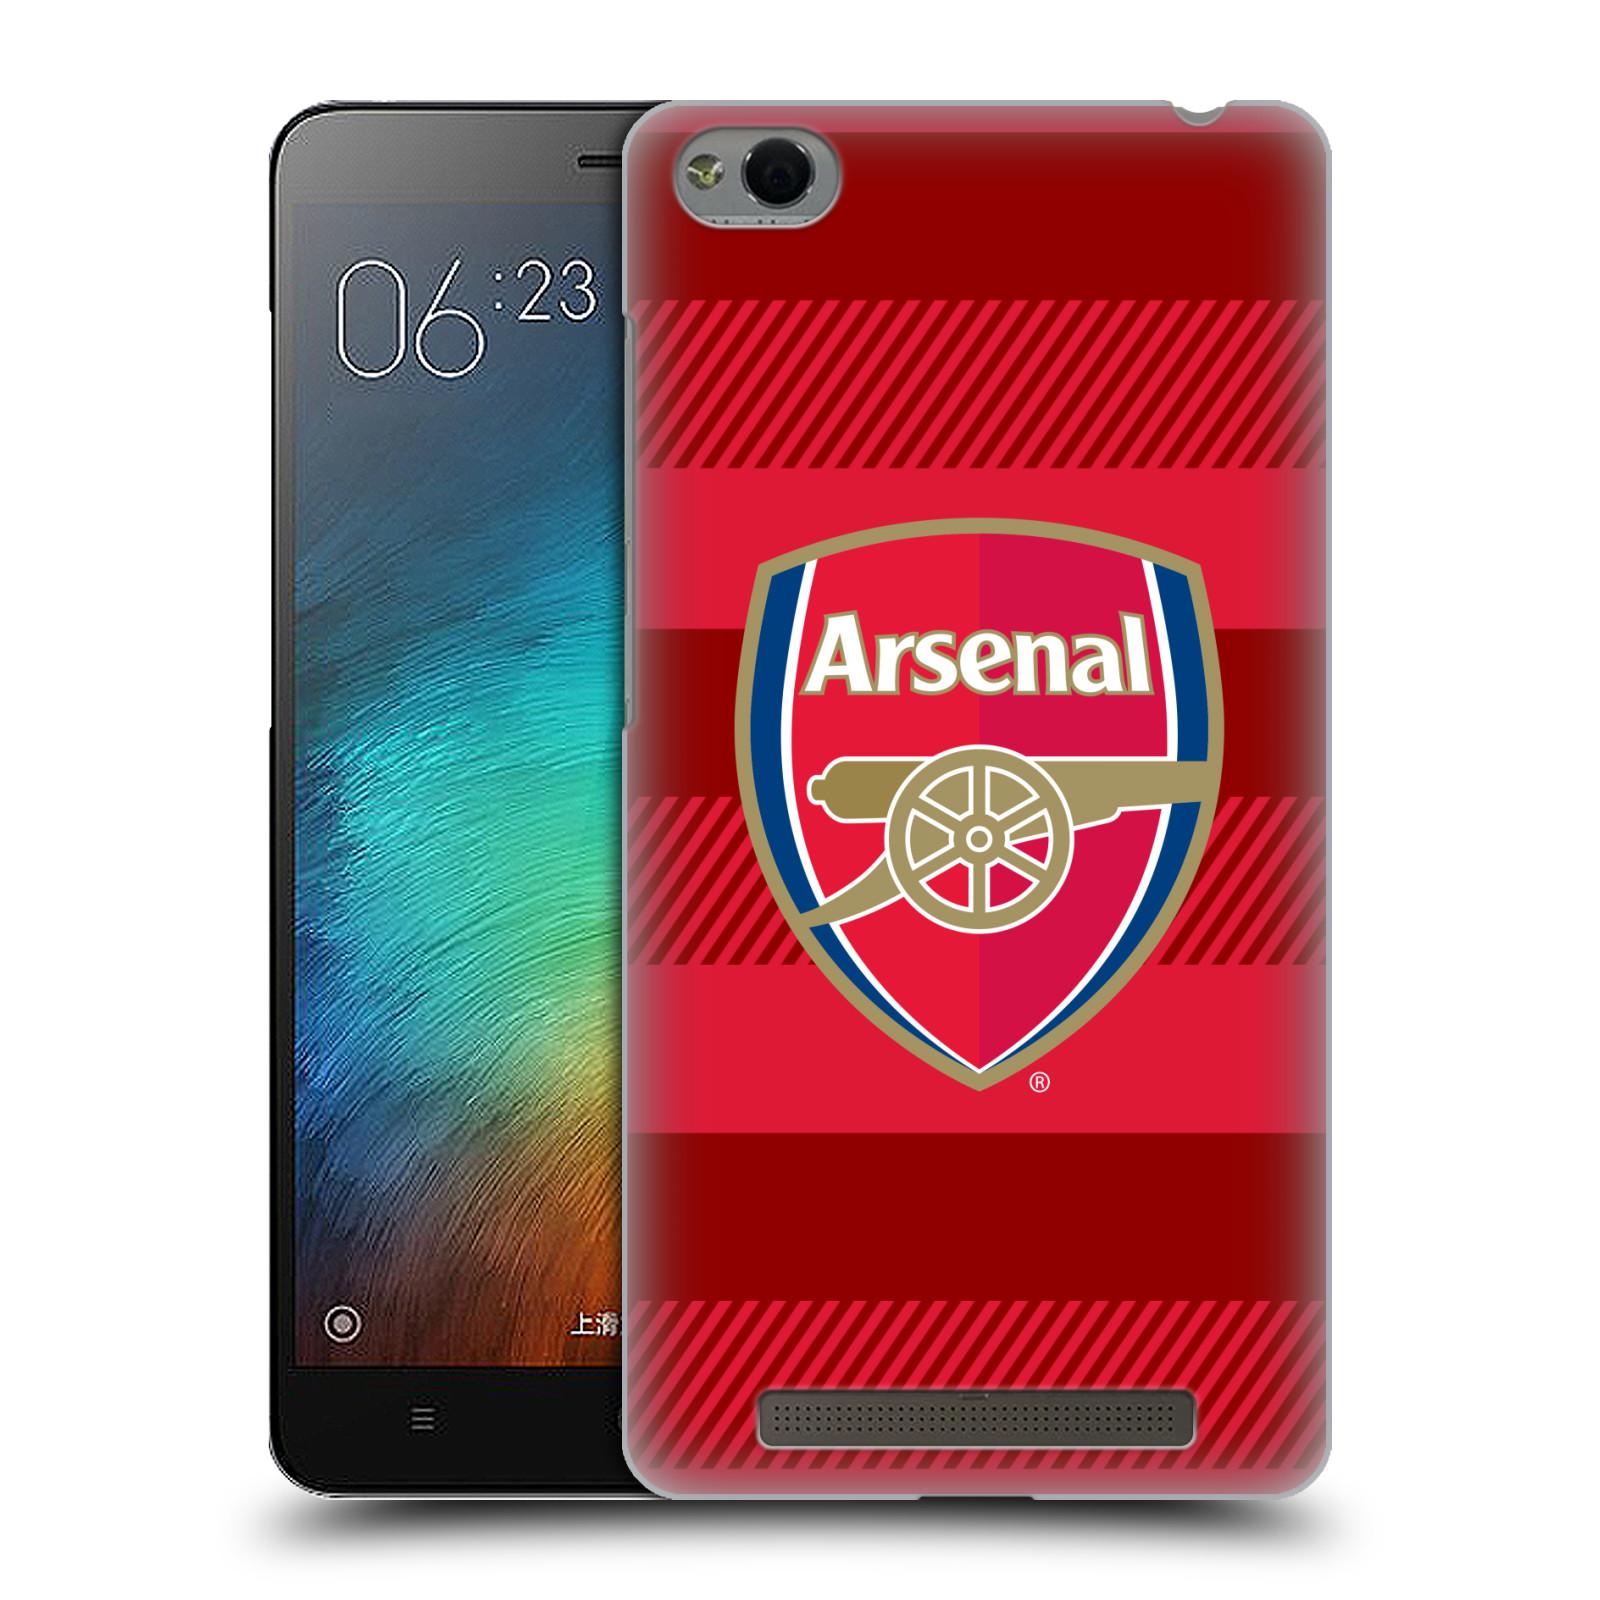 Plastové pouzdro na mobil Xiaomi Redmi 3 - Head Case - Arsenal FC - Logo s pruhy